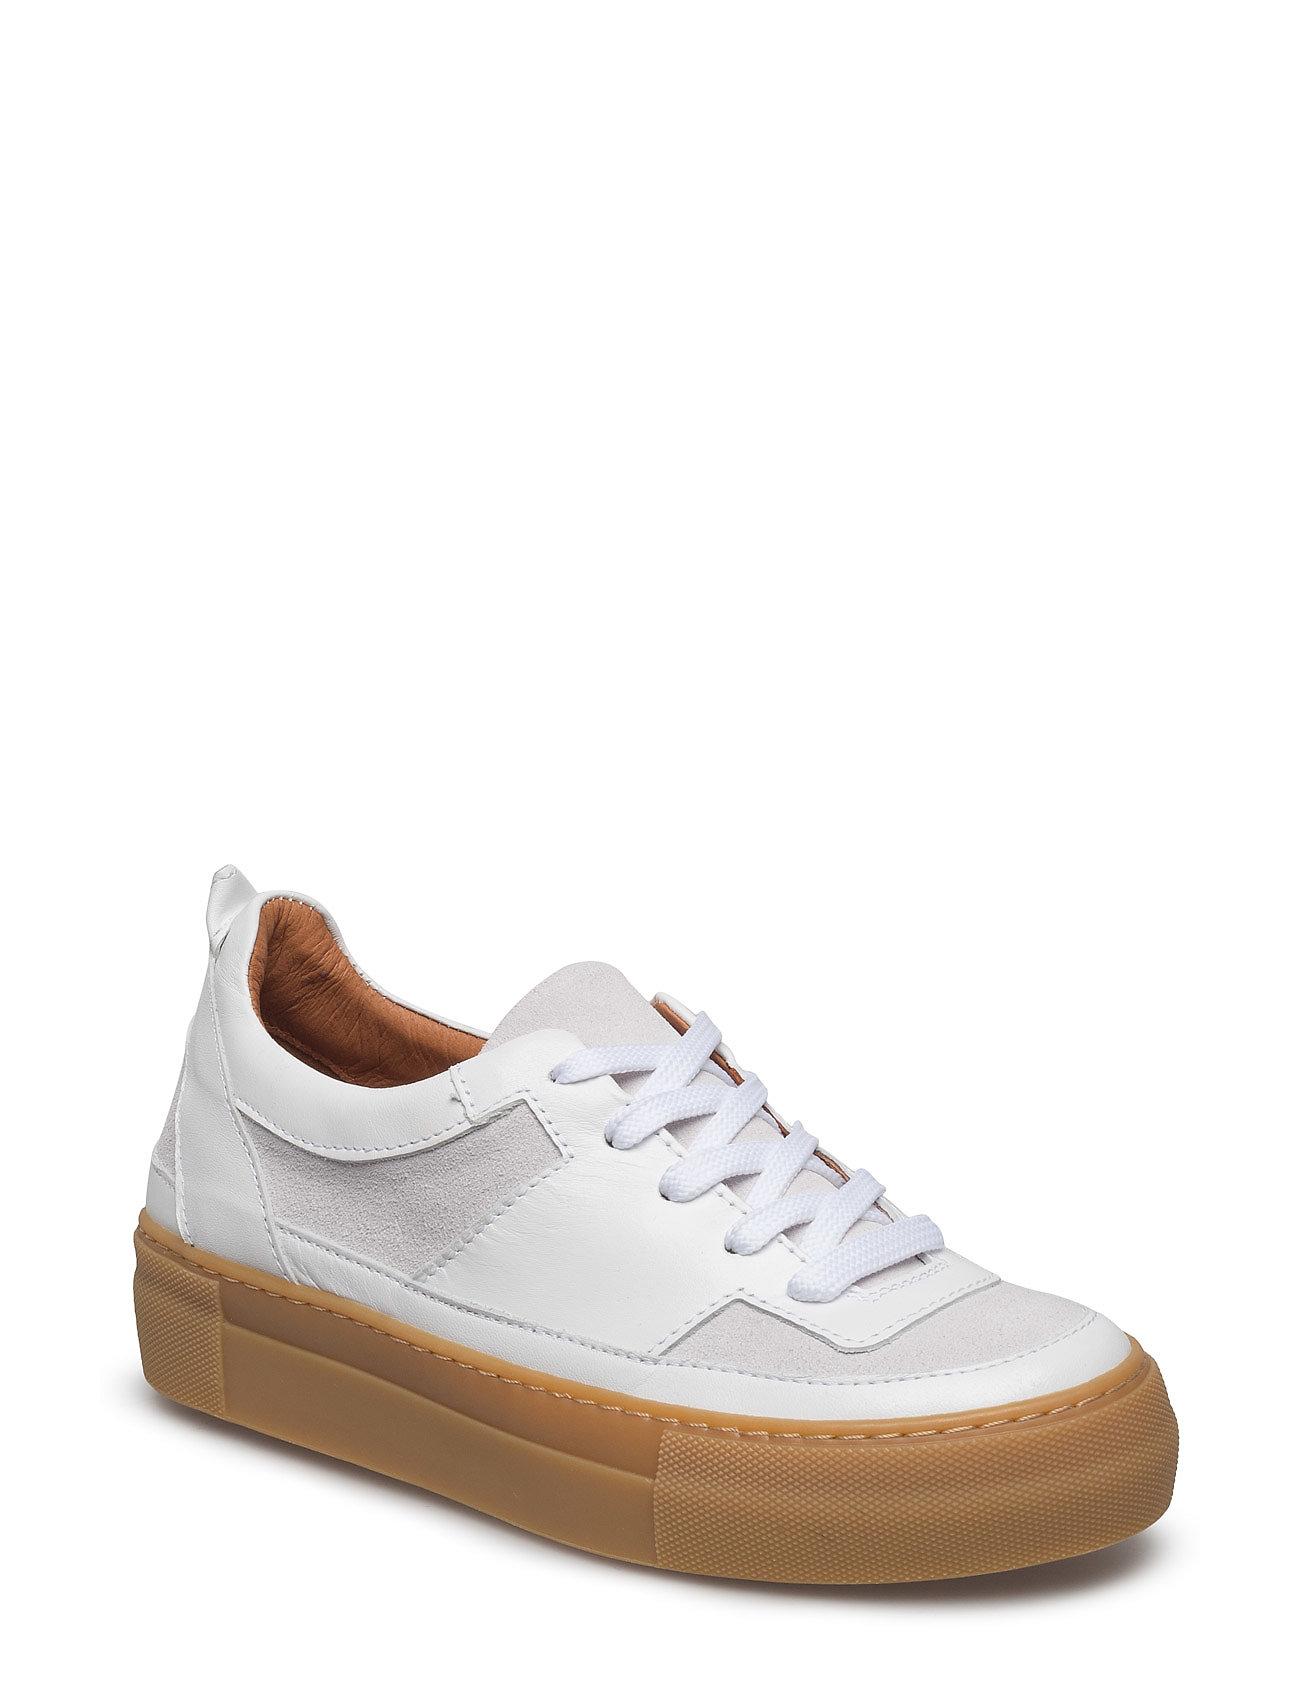 Ganni Sophia Sneakers